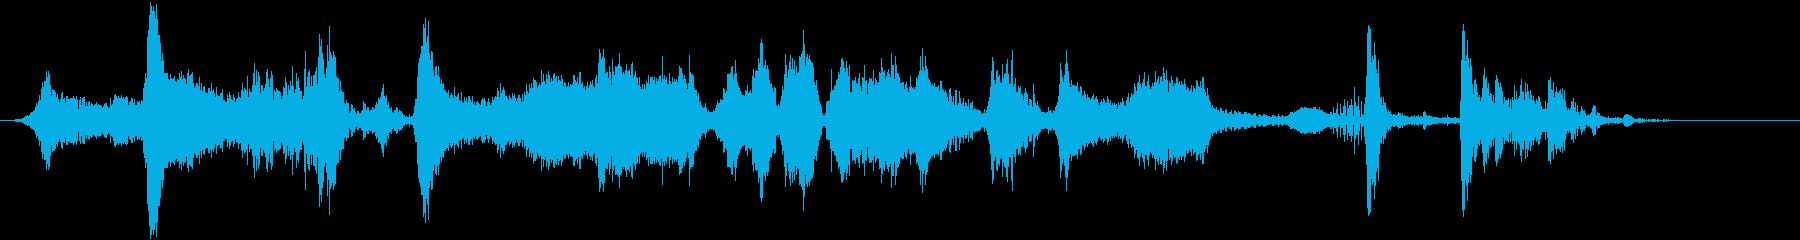 スティンガー; Whooshesを...の再生済みの波形